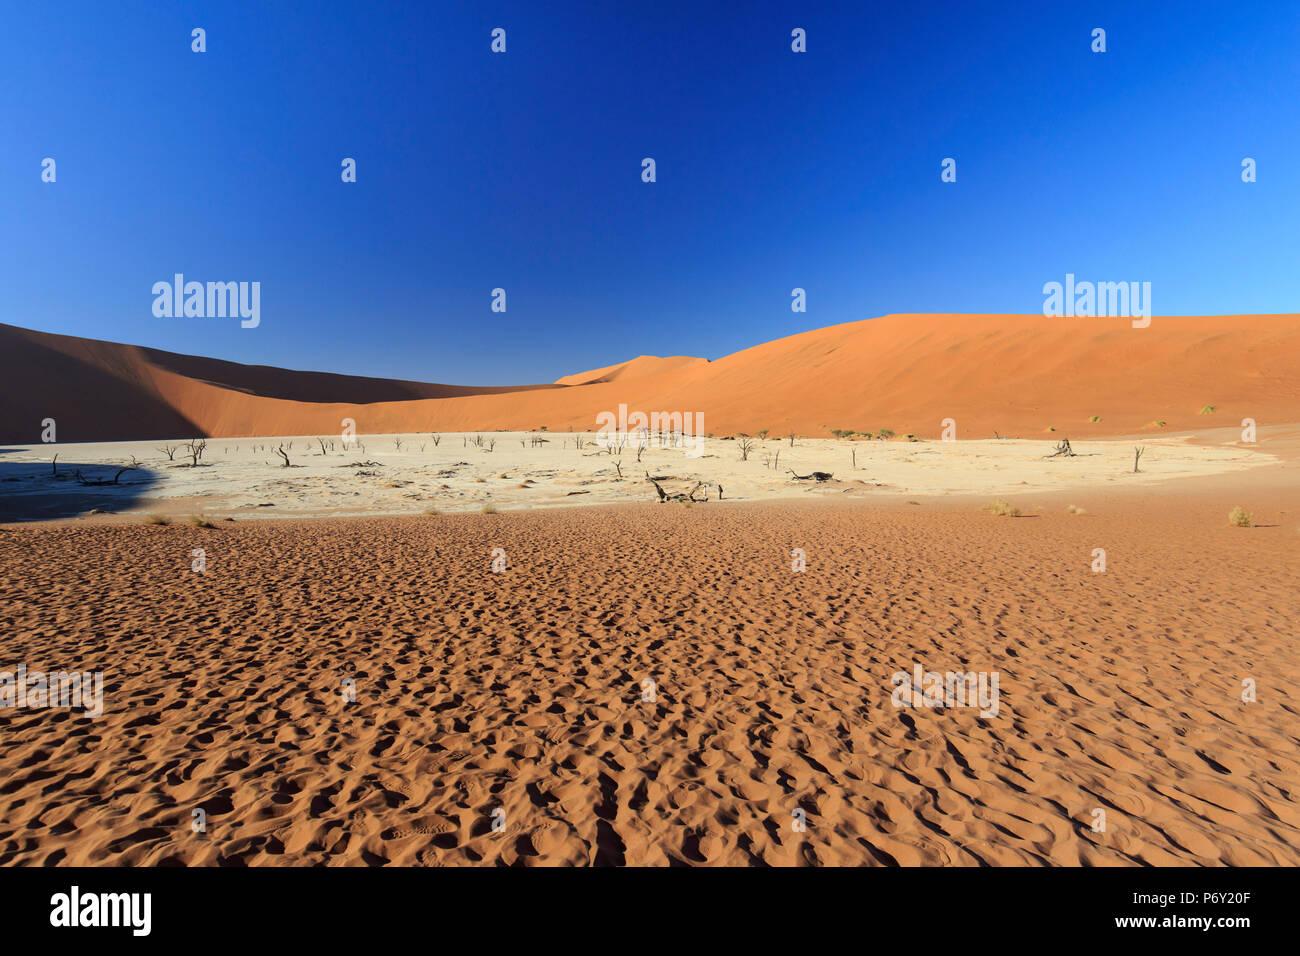 Namibia, Namib Naukluft National Park, Sossussvlei Sand Dunes - Stock Image